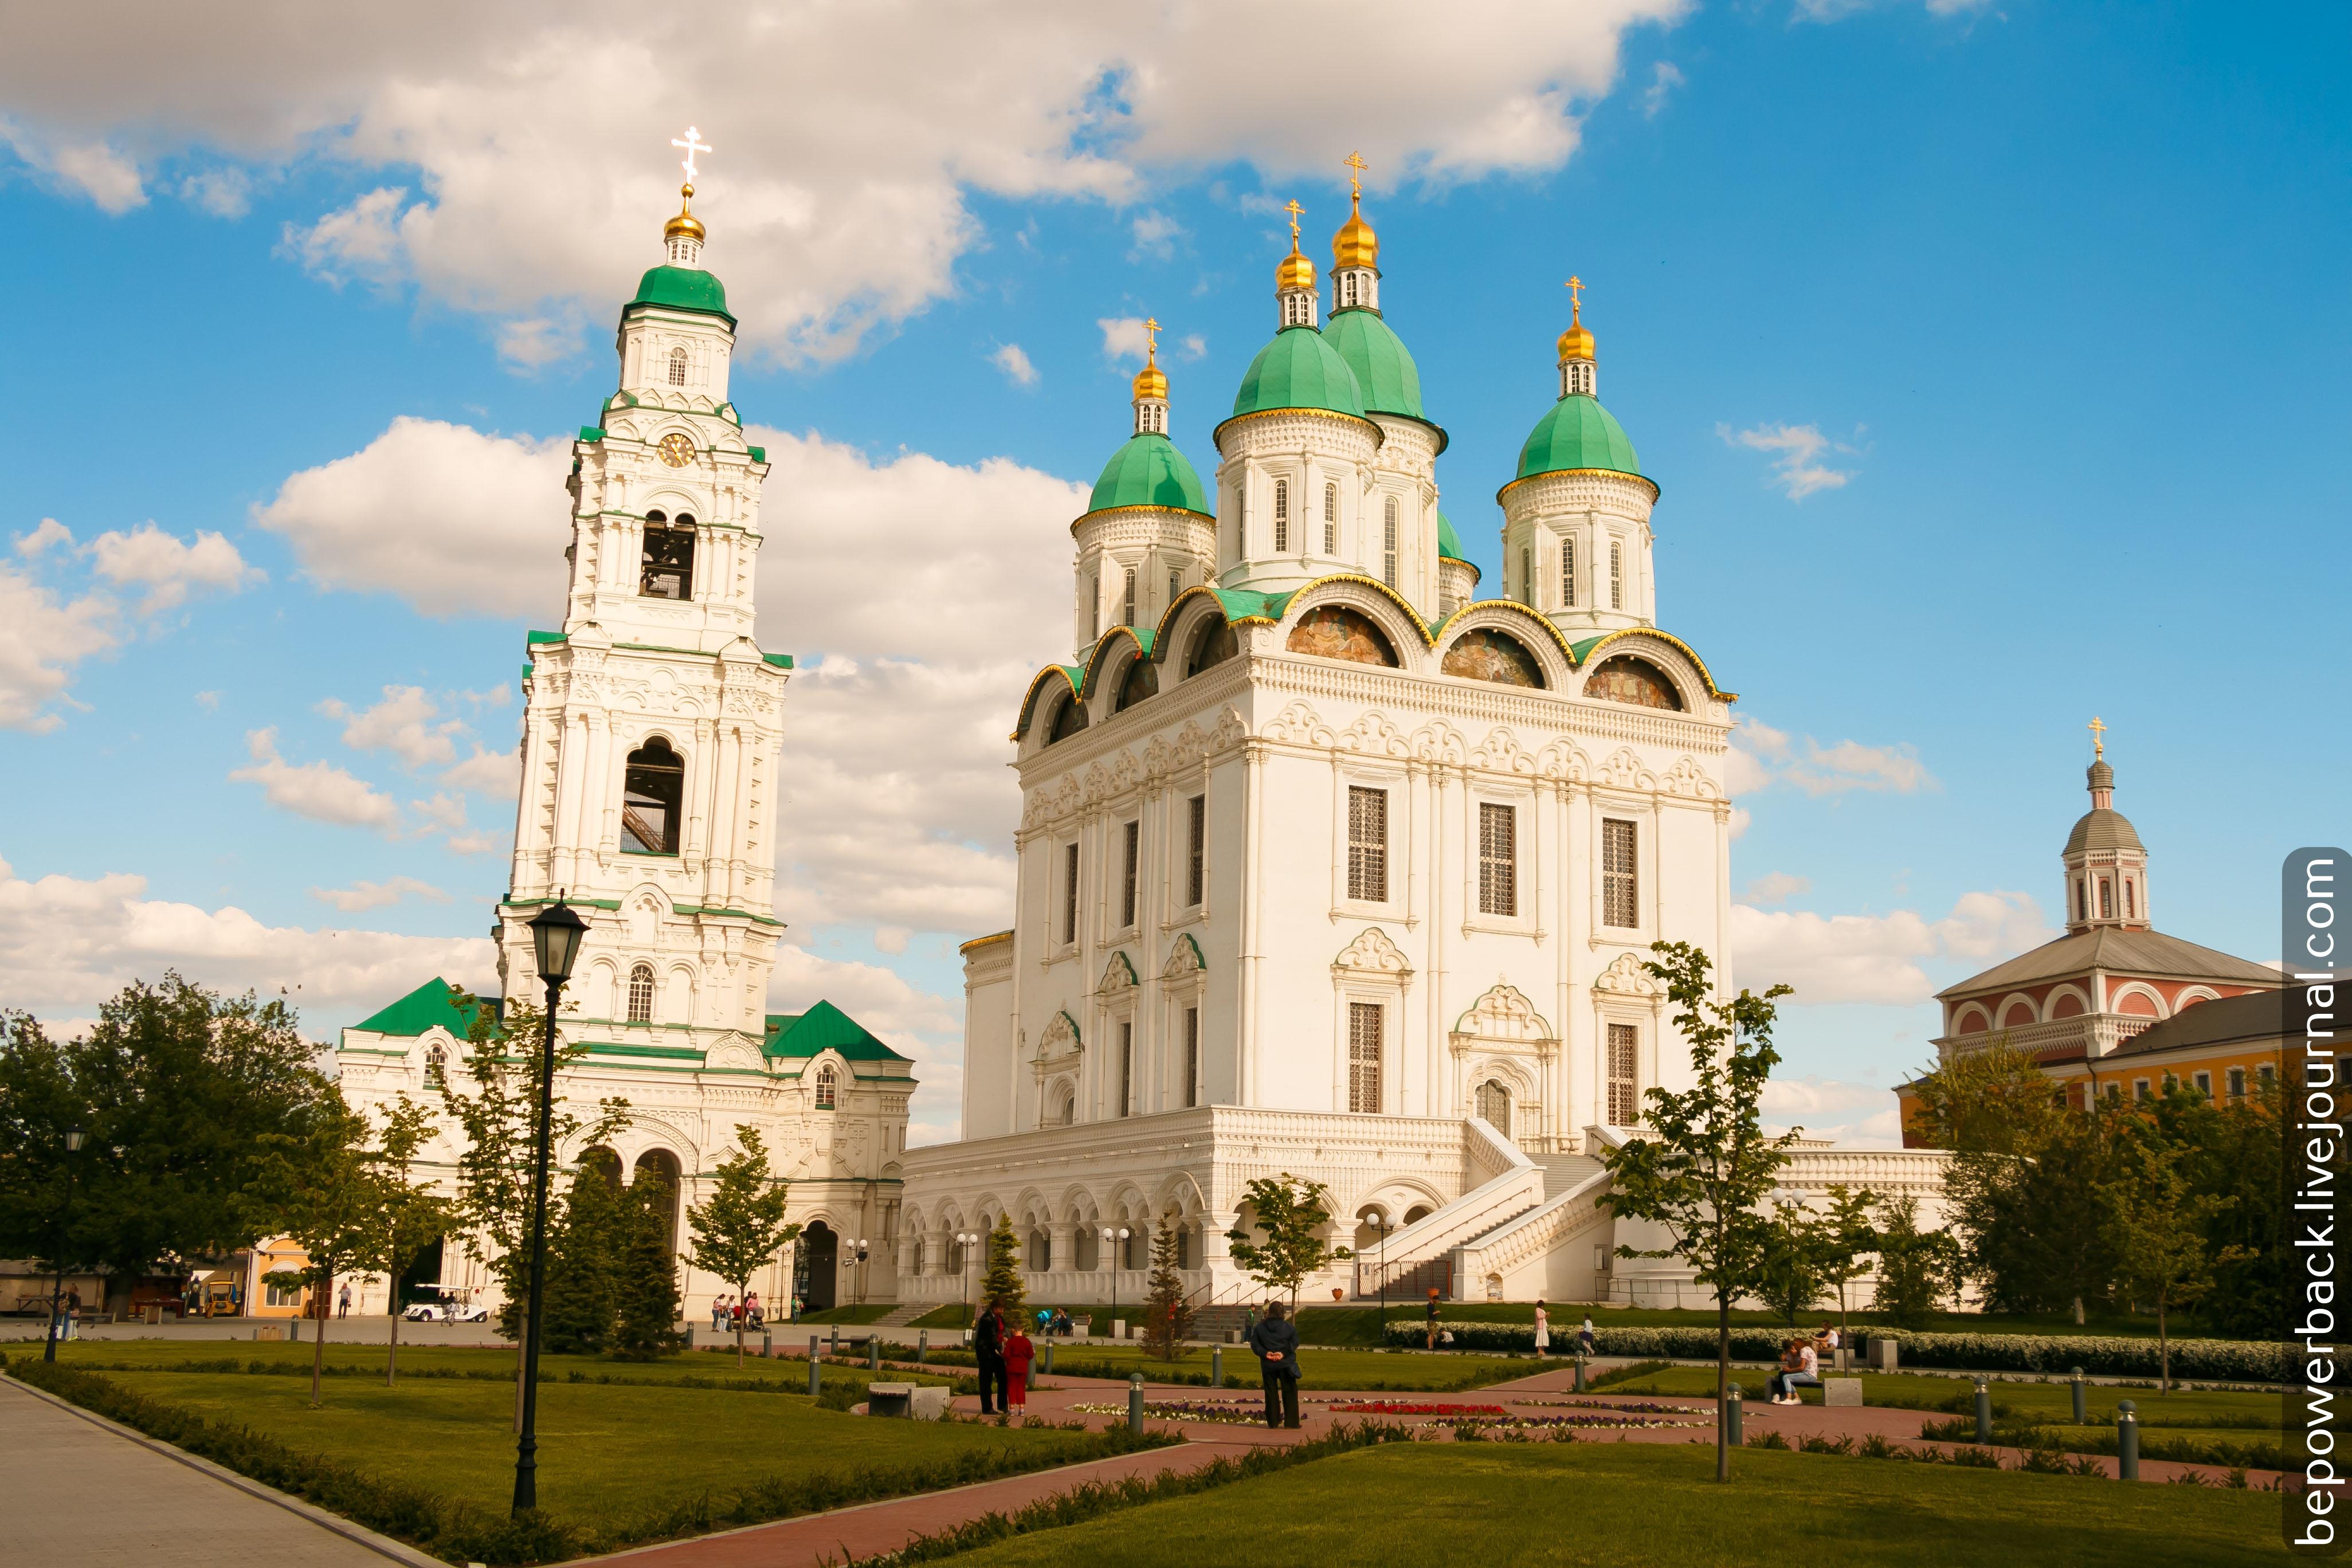 Астраханский кремль картинки